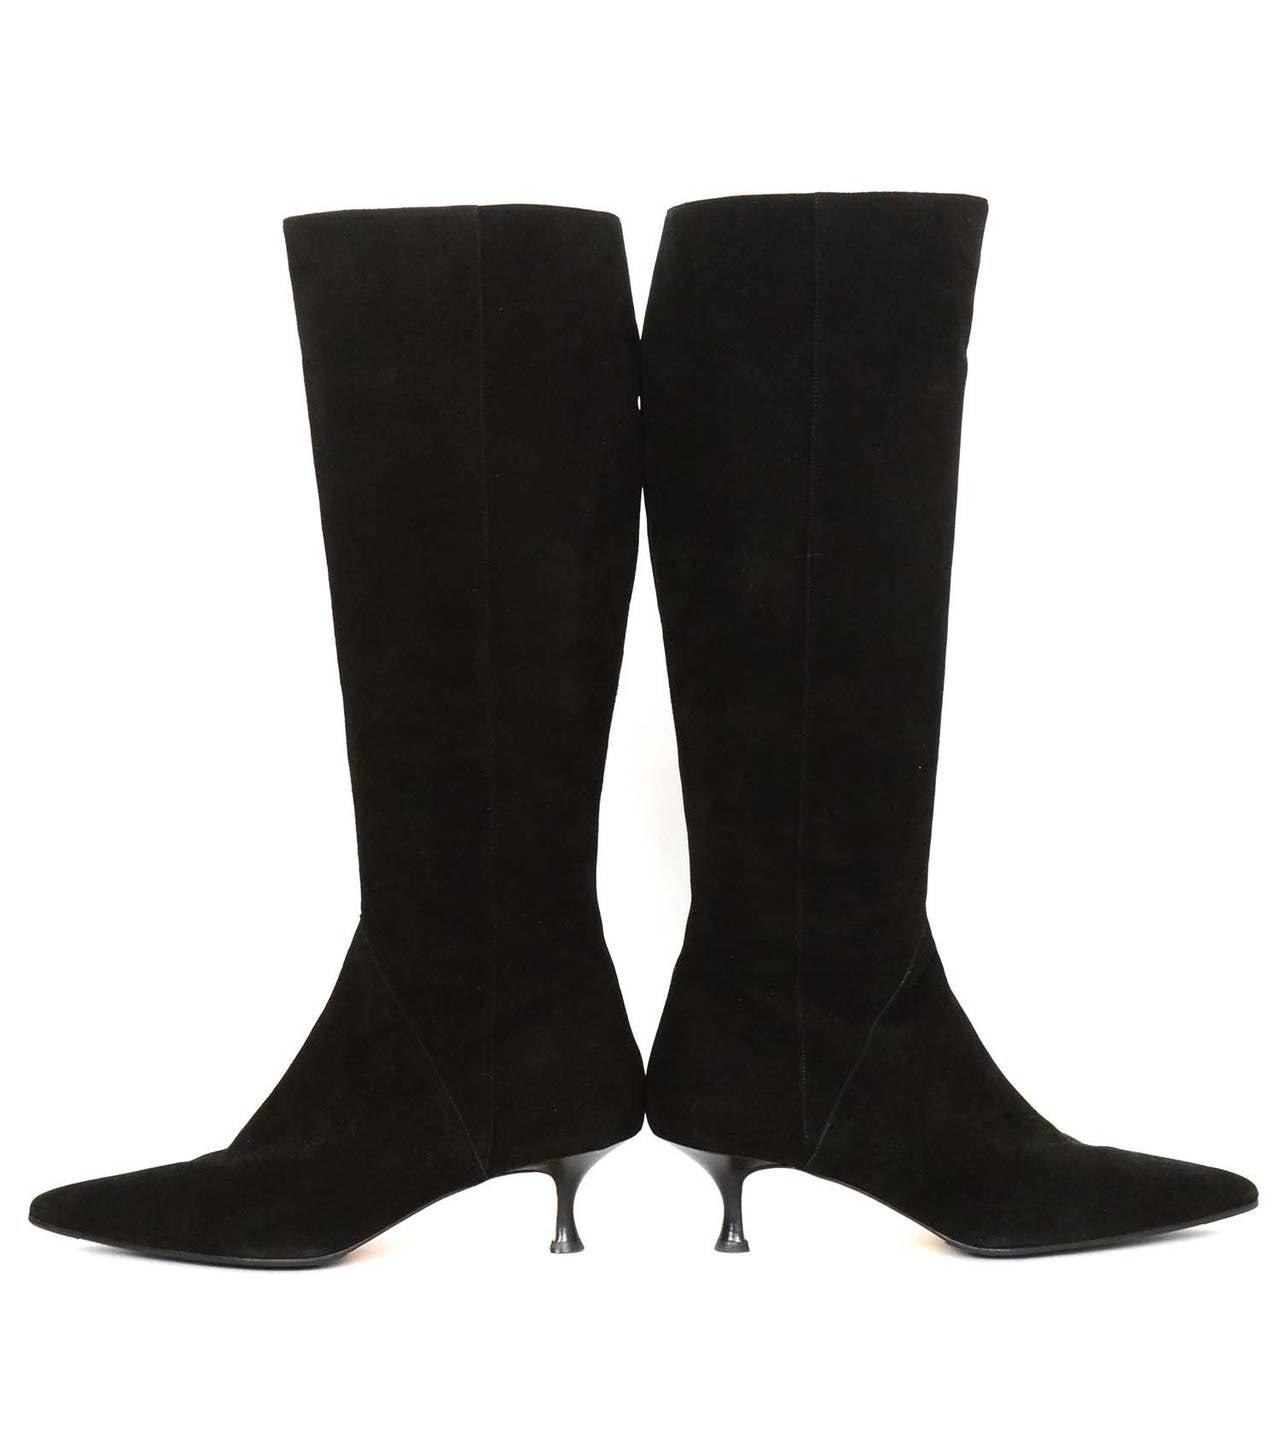 manolo blahnik black suede boots w kitten heel sz 42